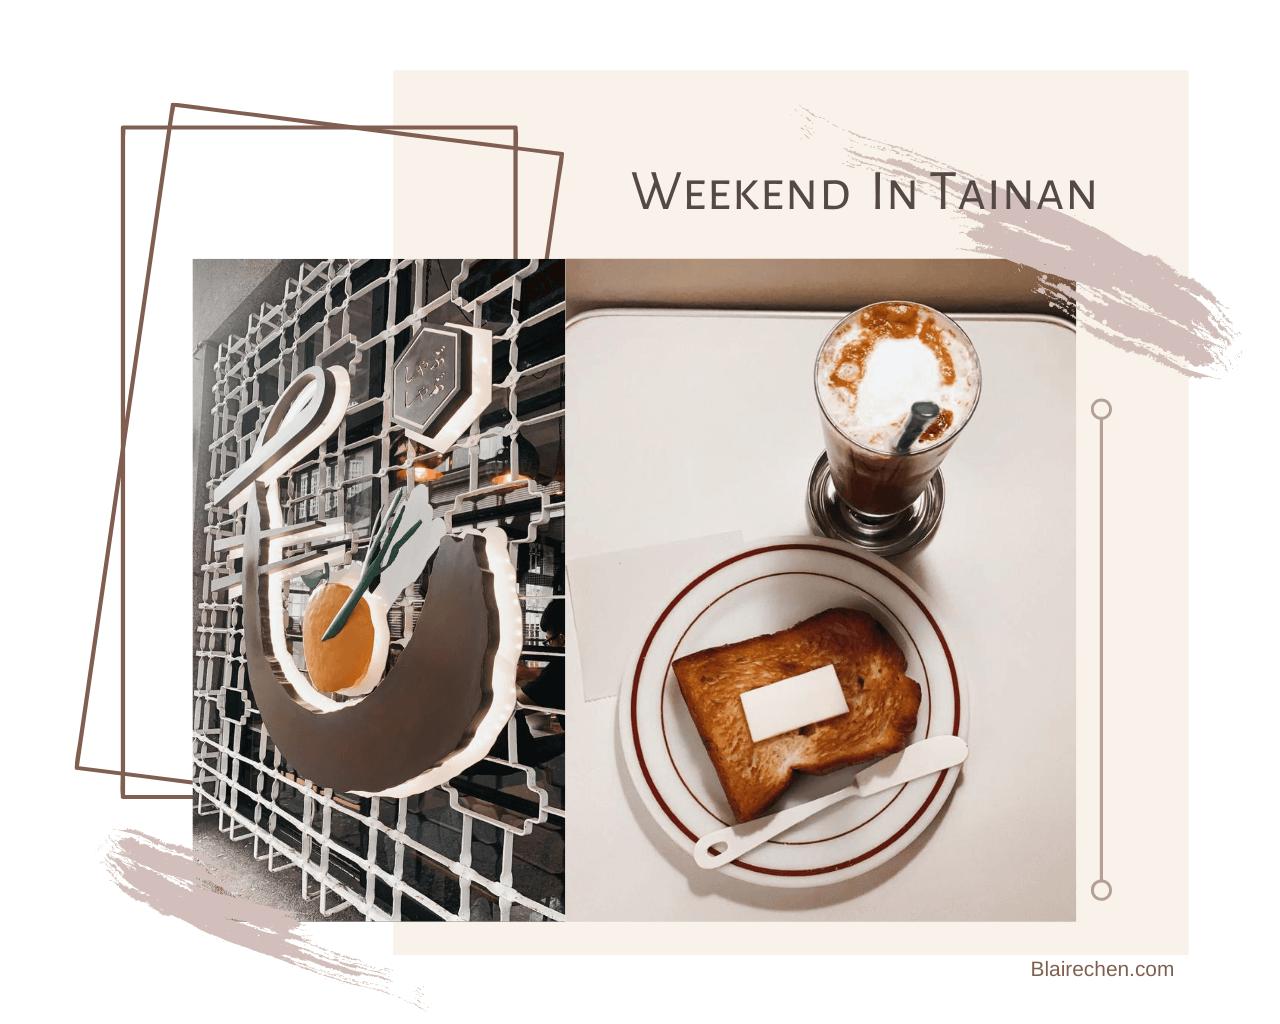 【Weekend in Tainan】|台南IG打卡熱點,最新文青感美食小店!等著你來發掘!